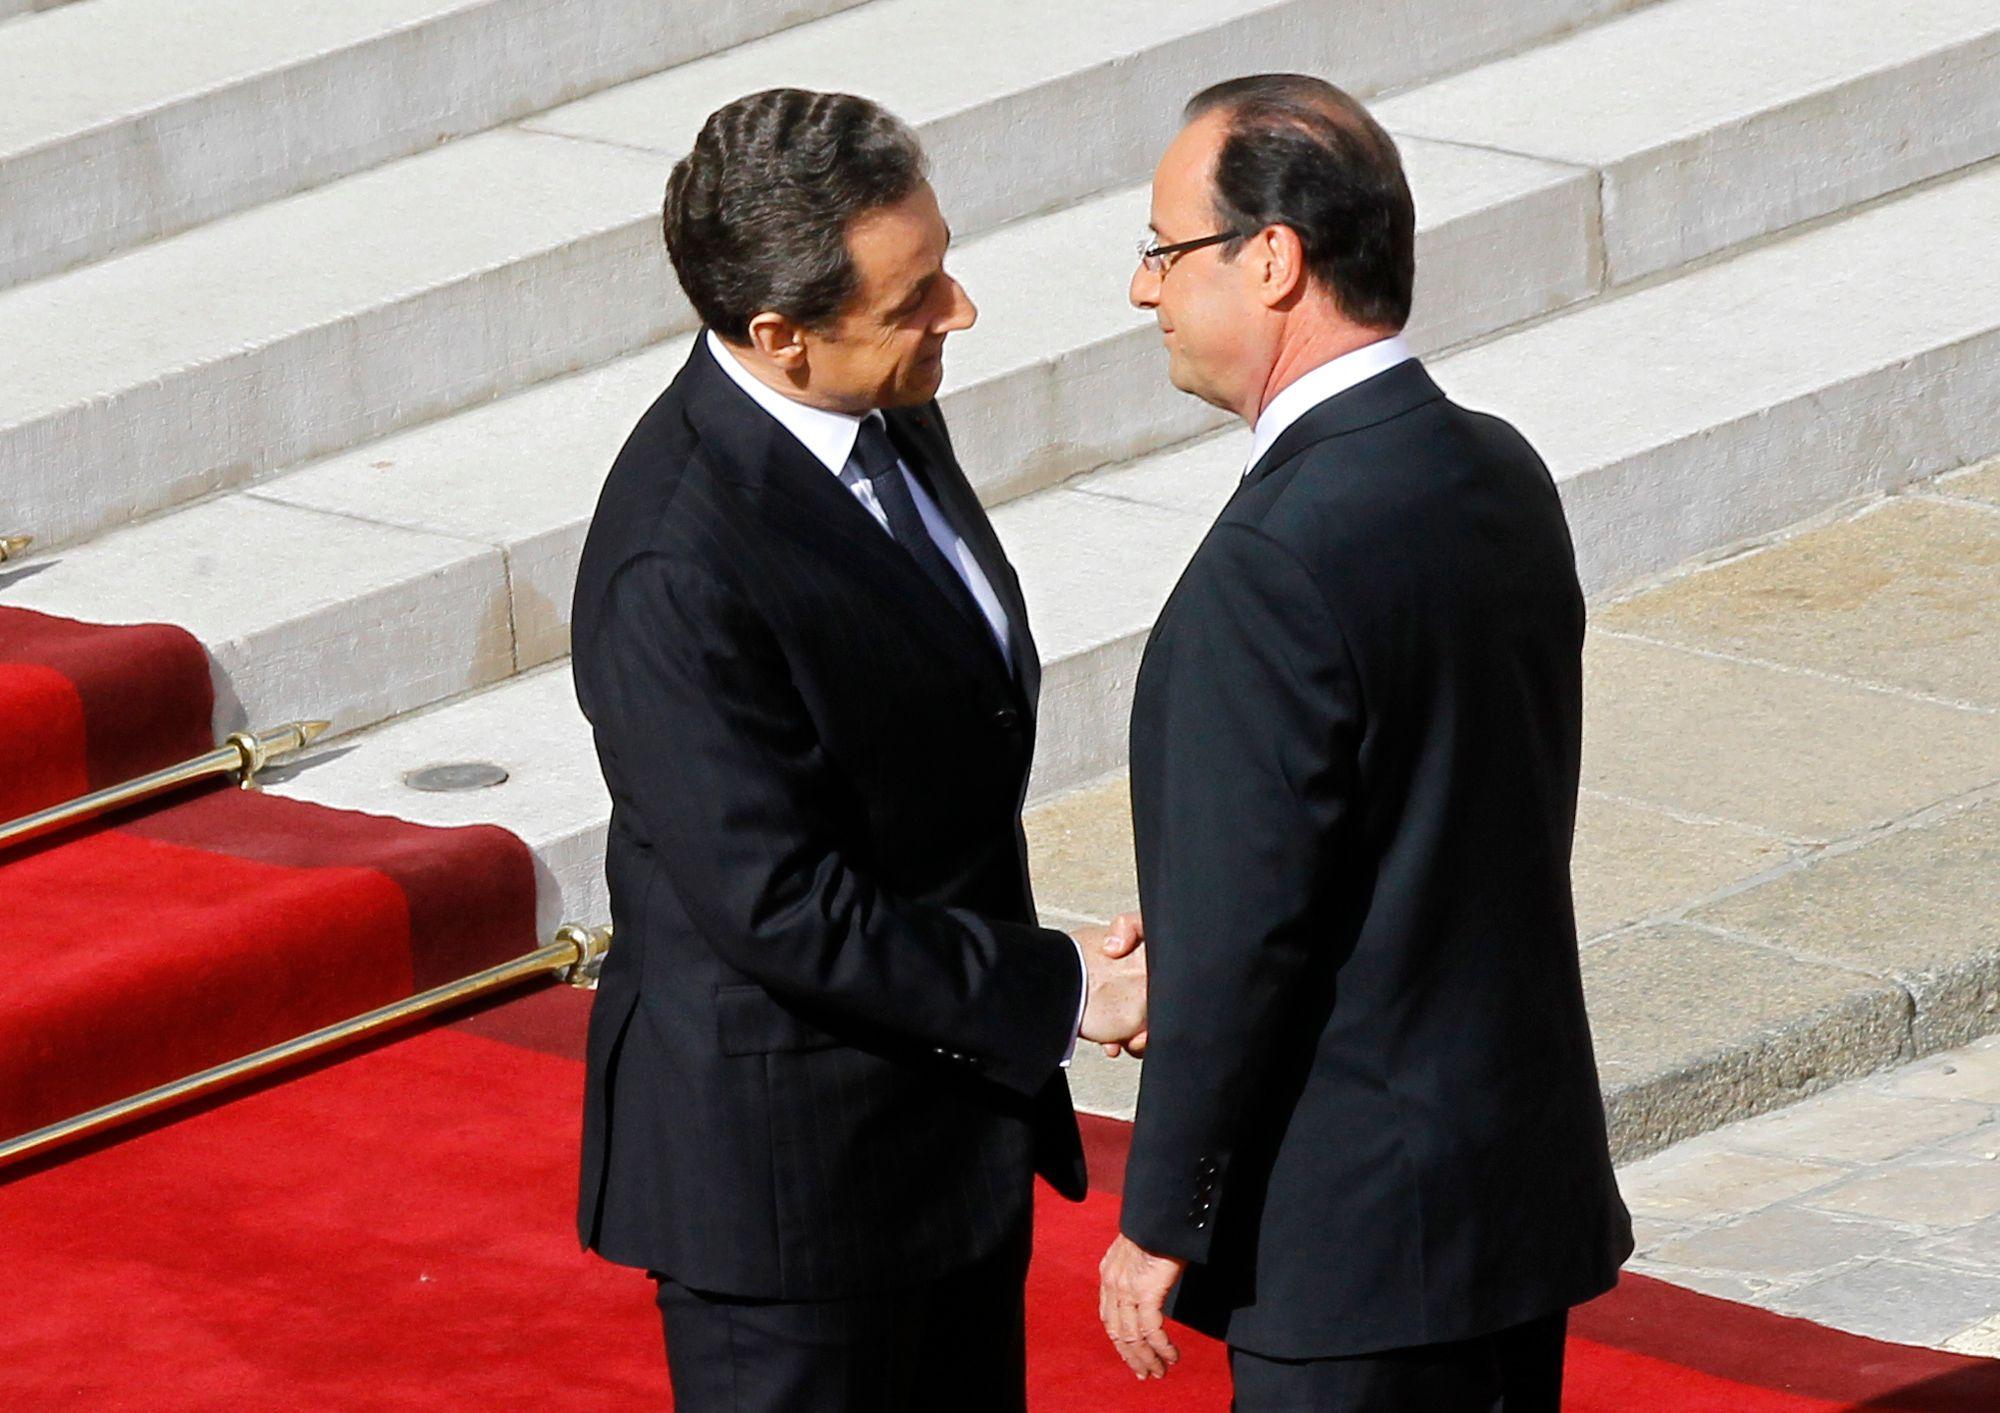 Cote de popularité : Hollande perd encore 12 points, Sarkozy en abandonne 18 chez les sympathisants des Républicains